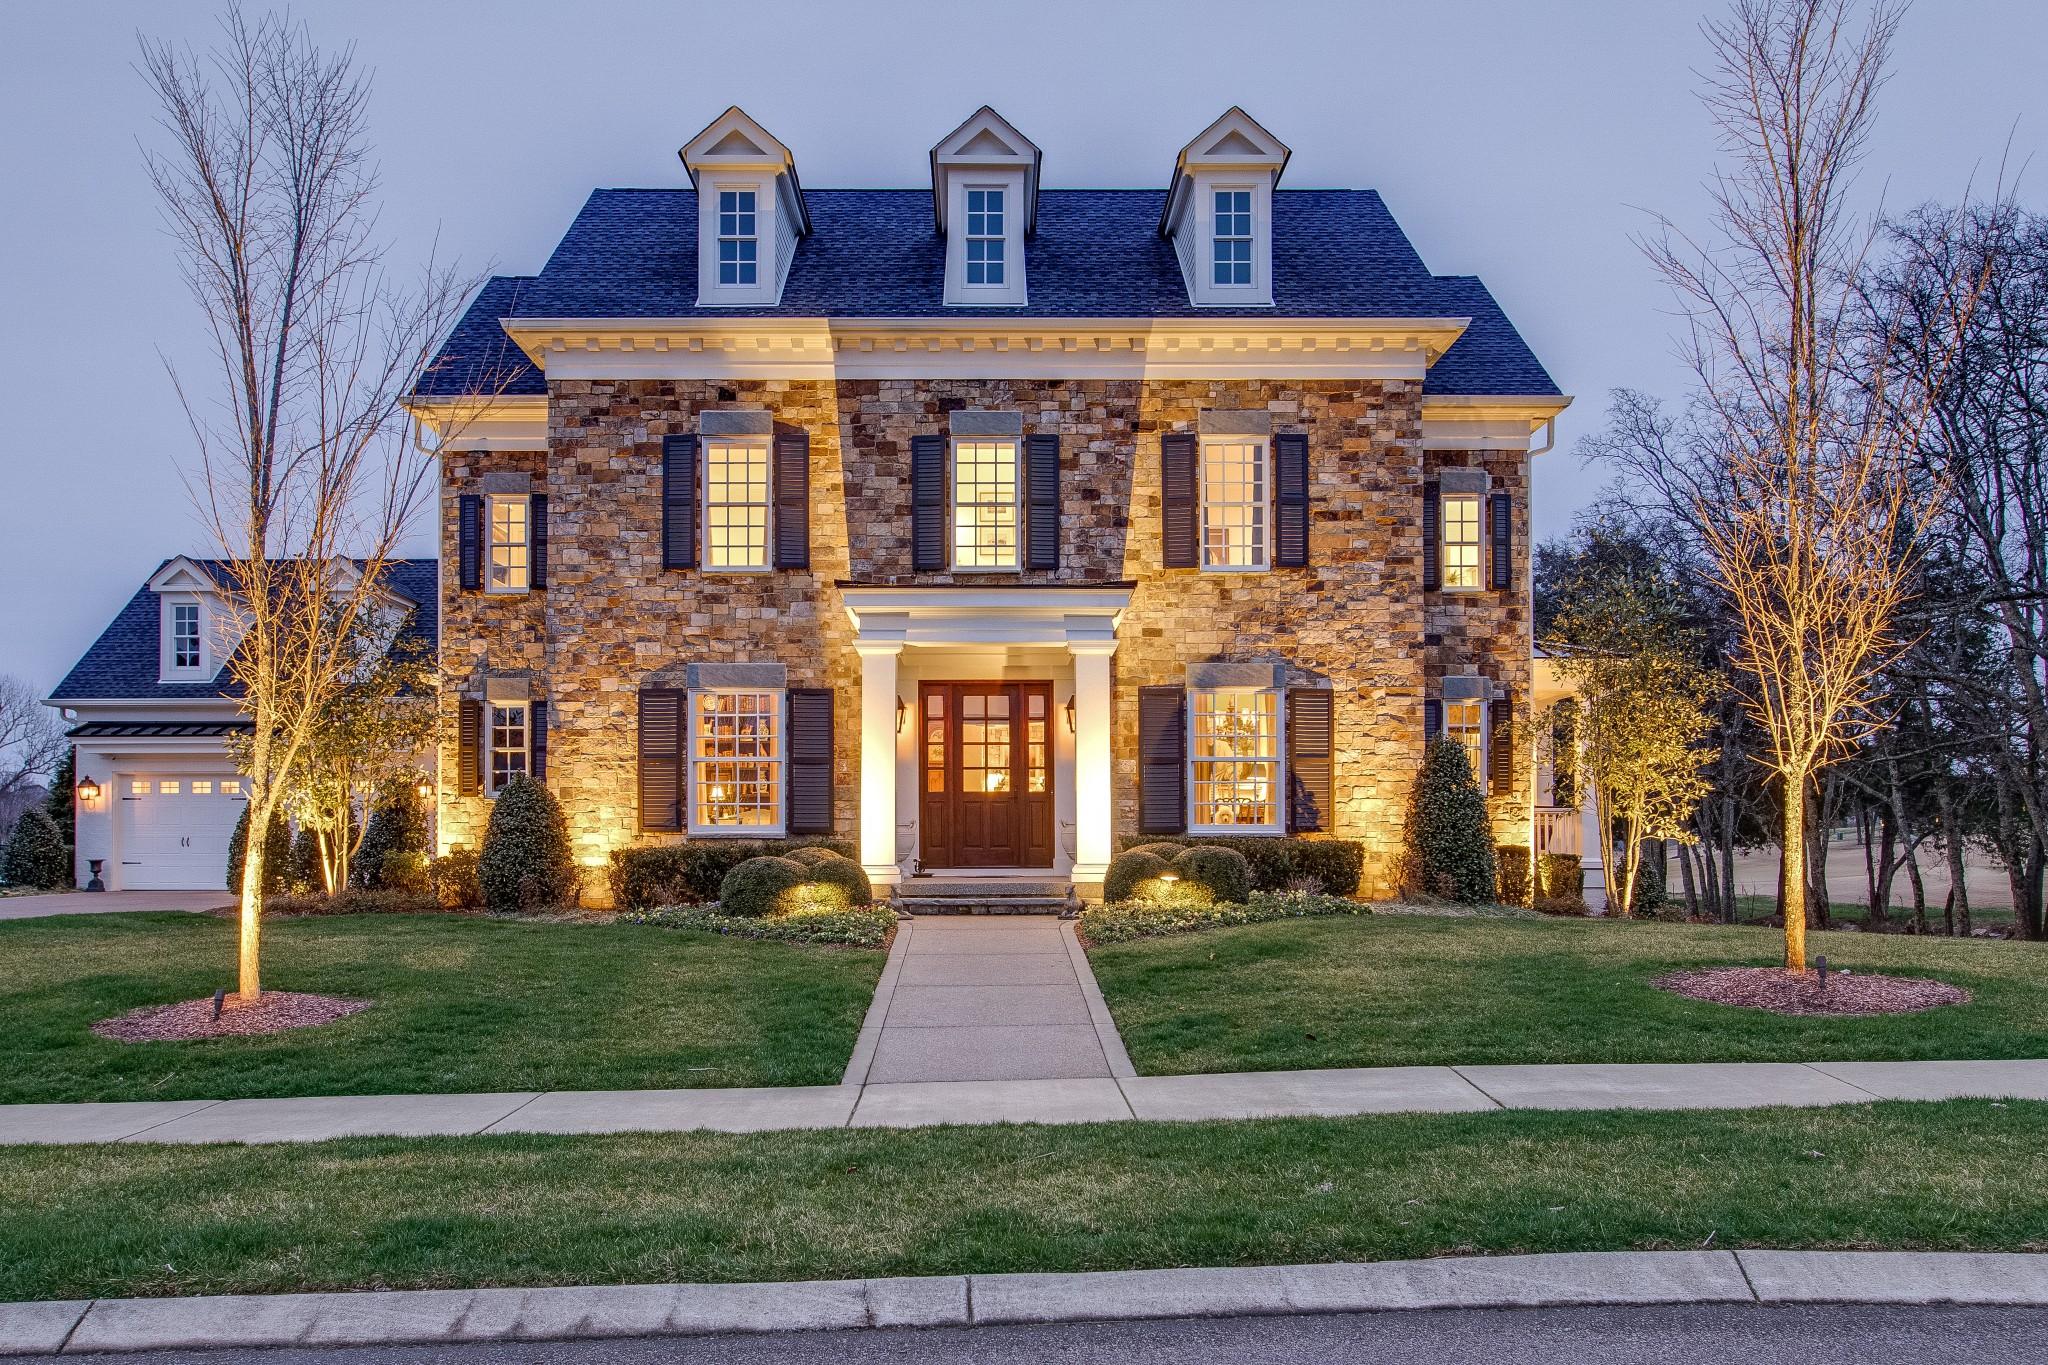 5250 Wildings Blvd, College Grove, TN 37046 - College Grove, TN real estate listing